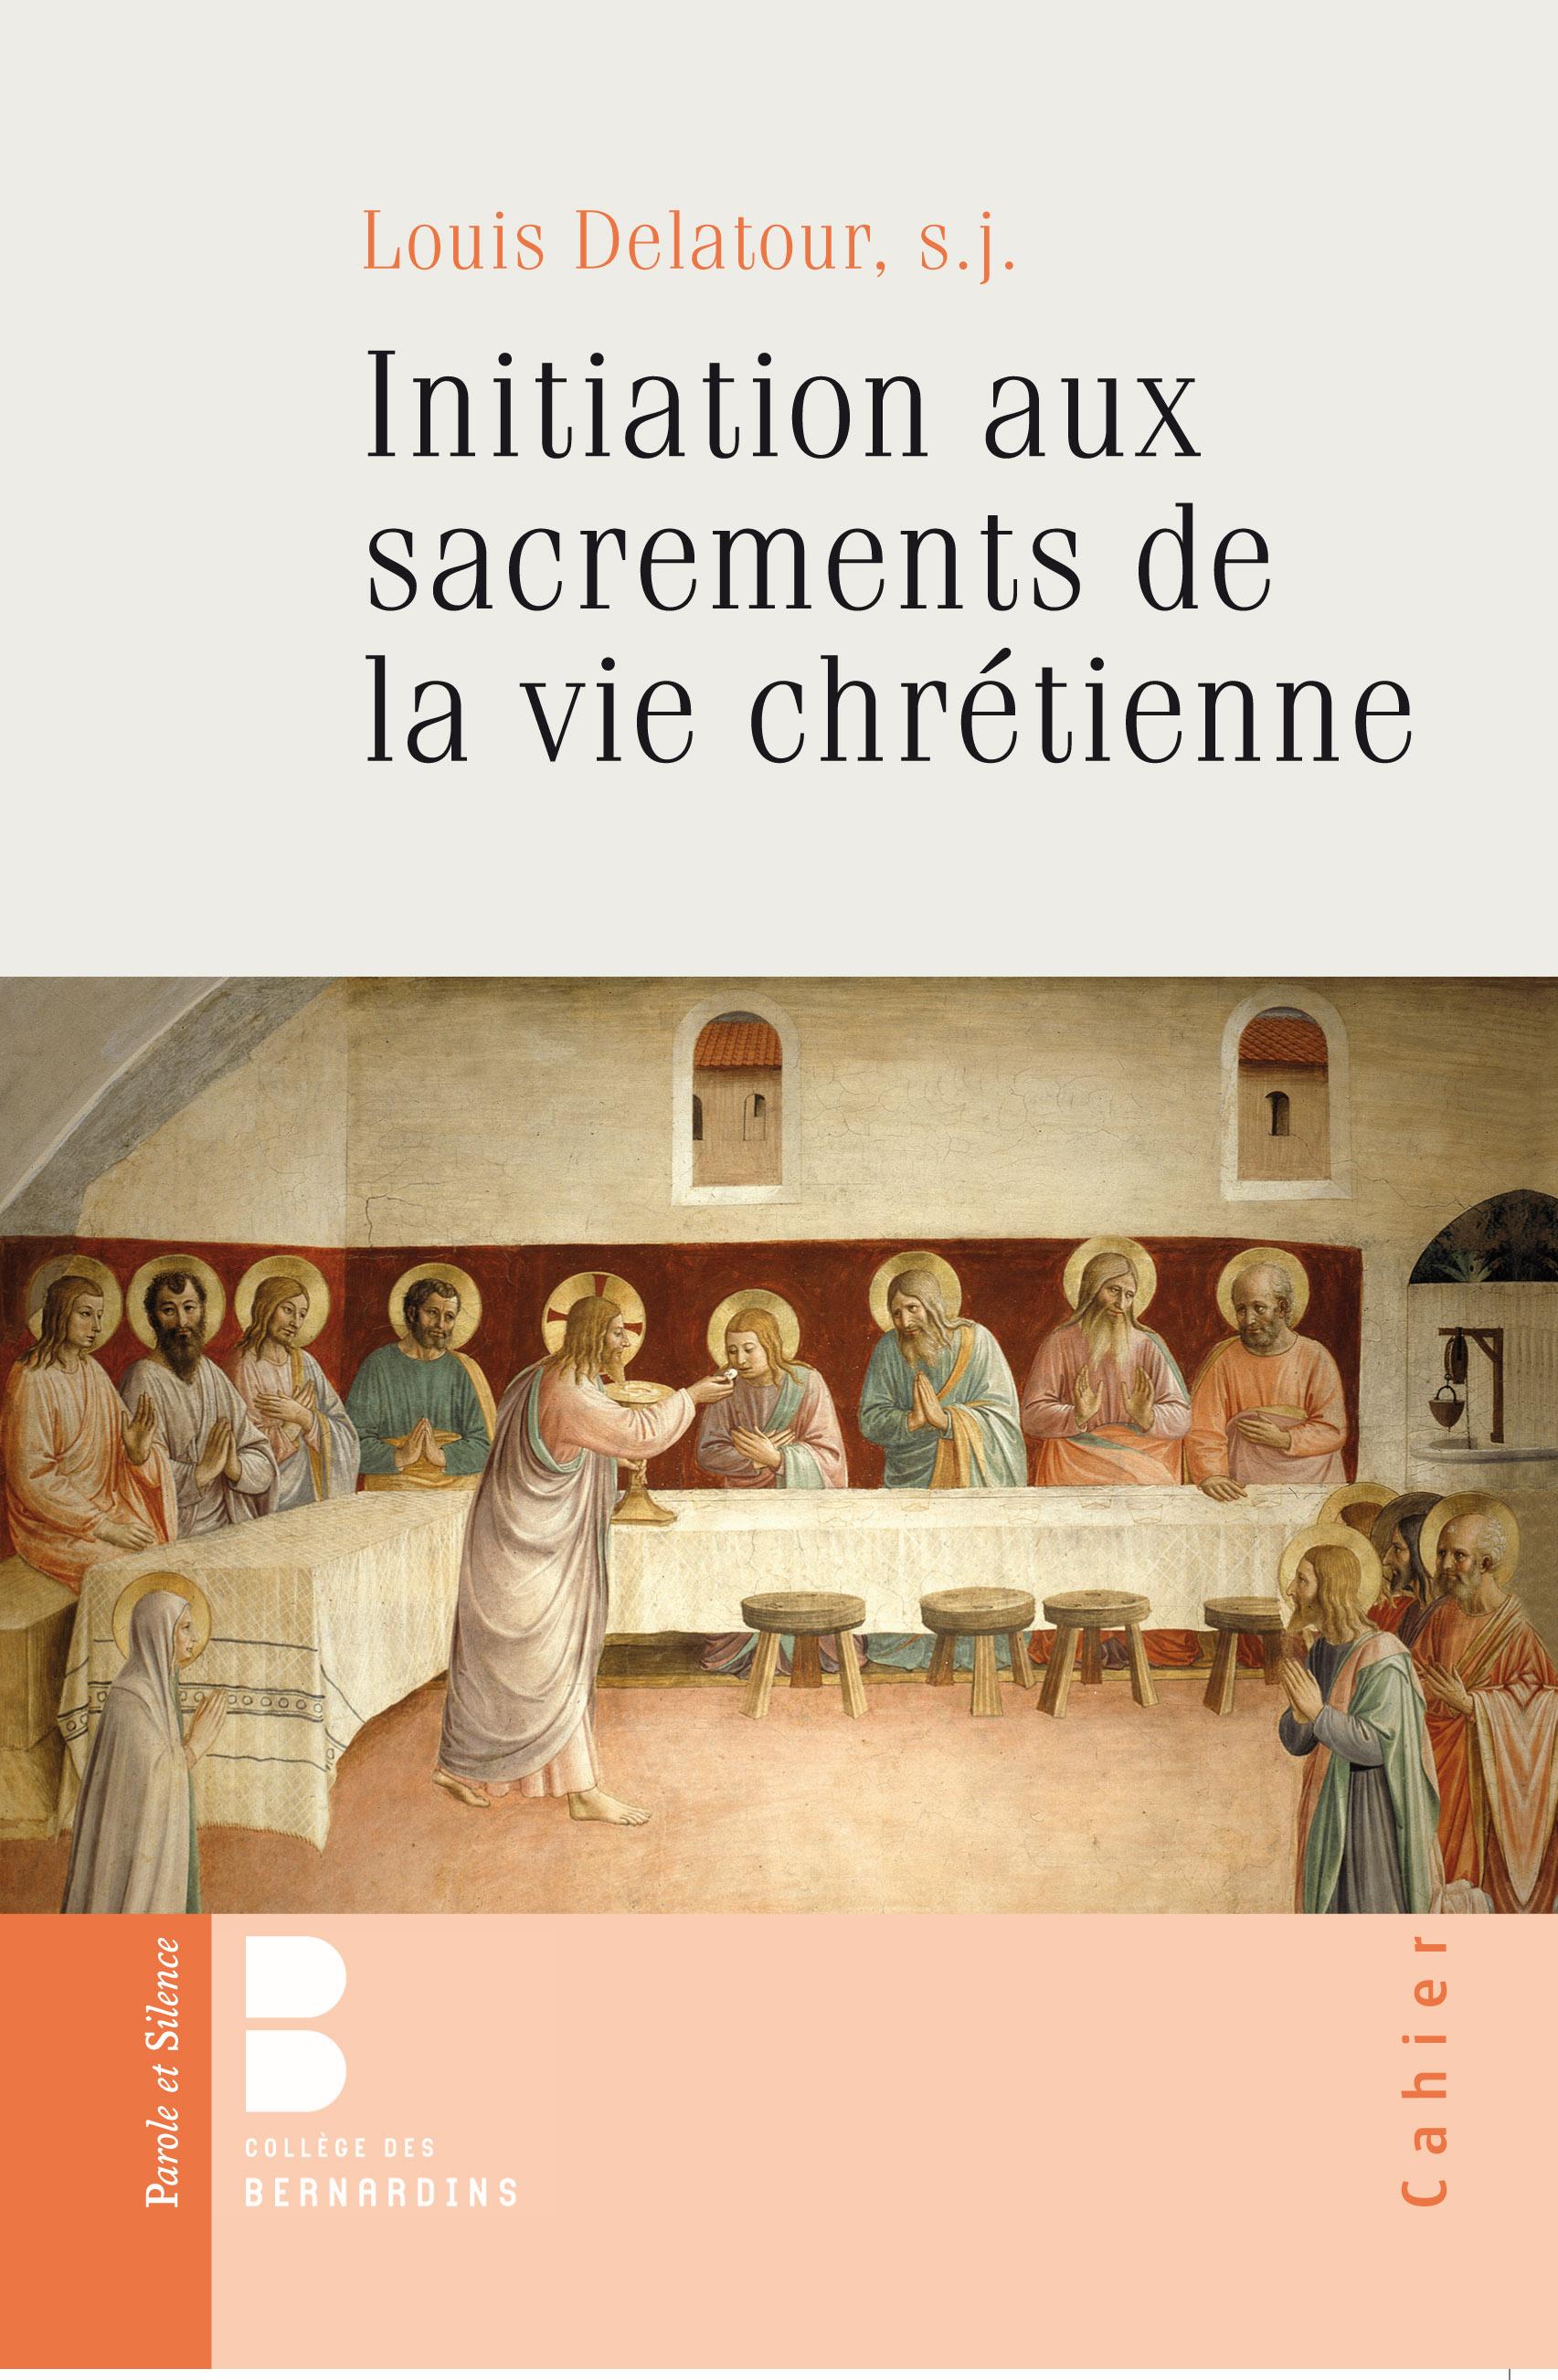 Initiation aux sacrements de la vie chrétienne